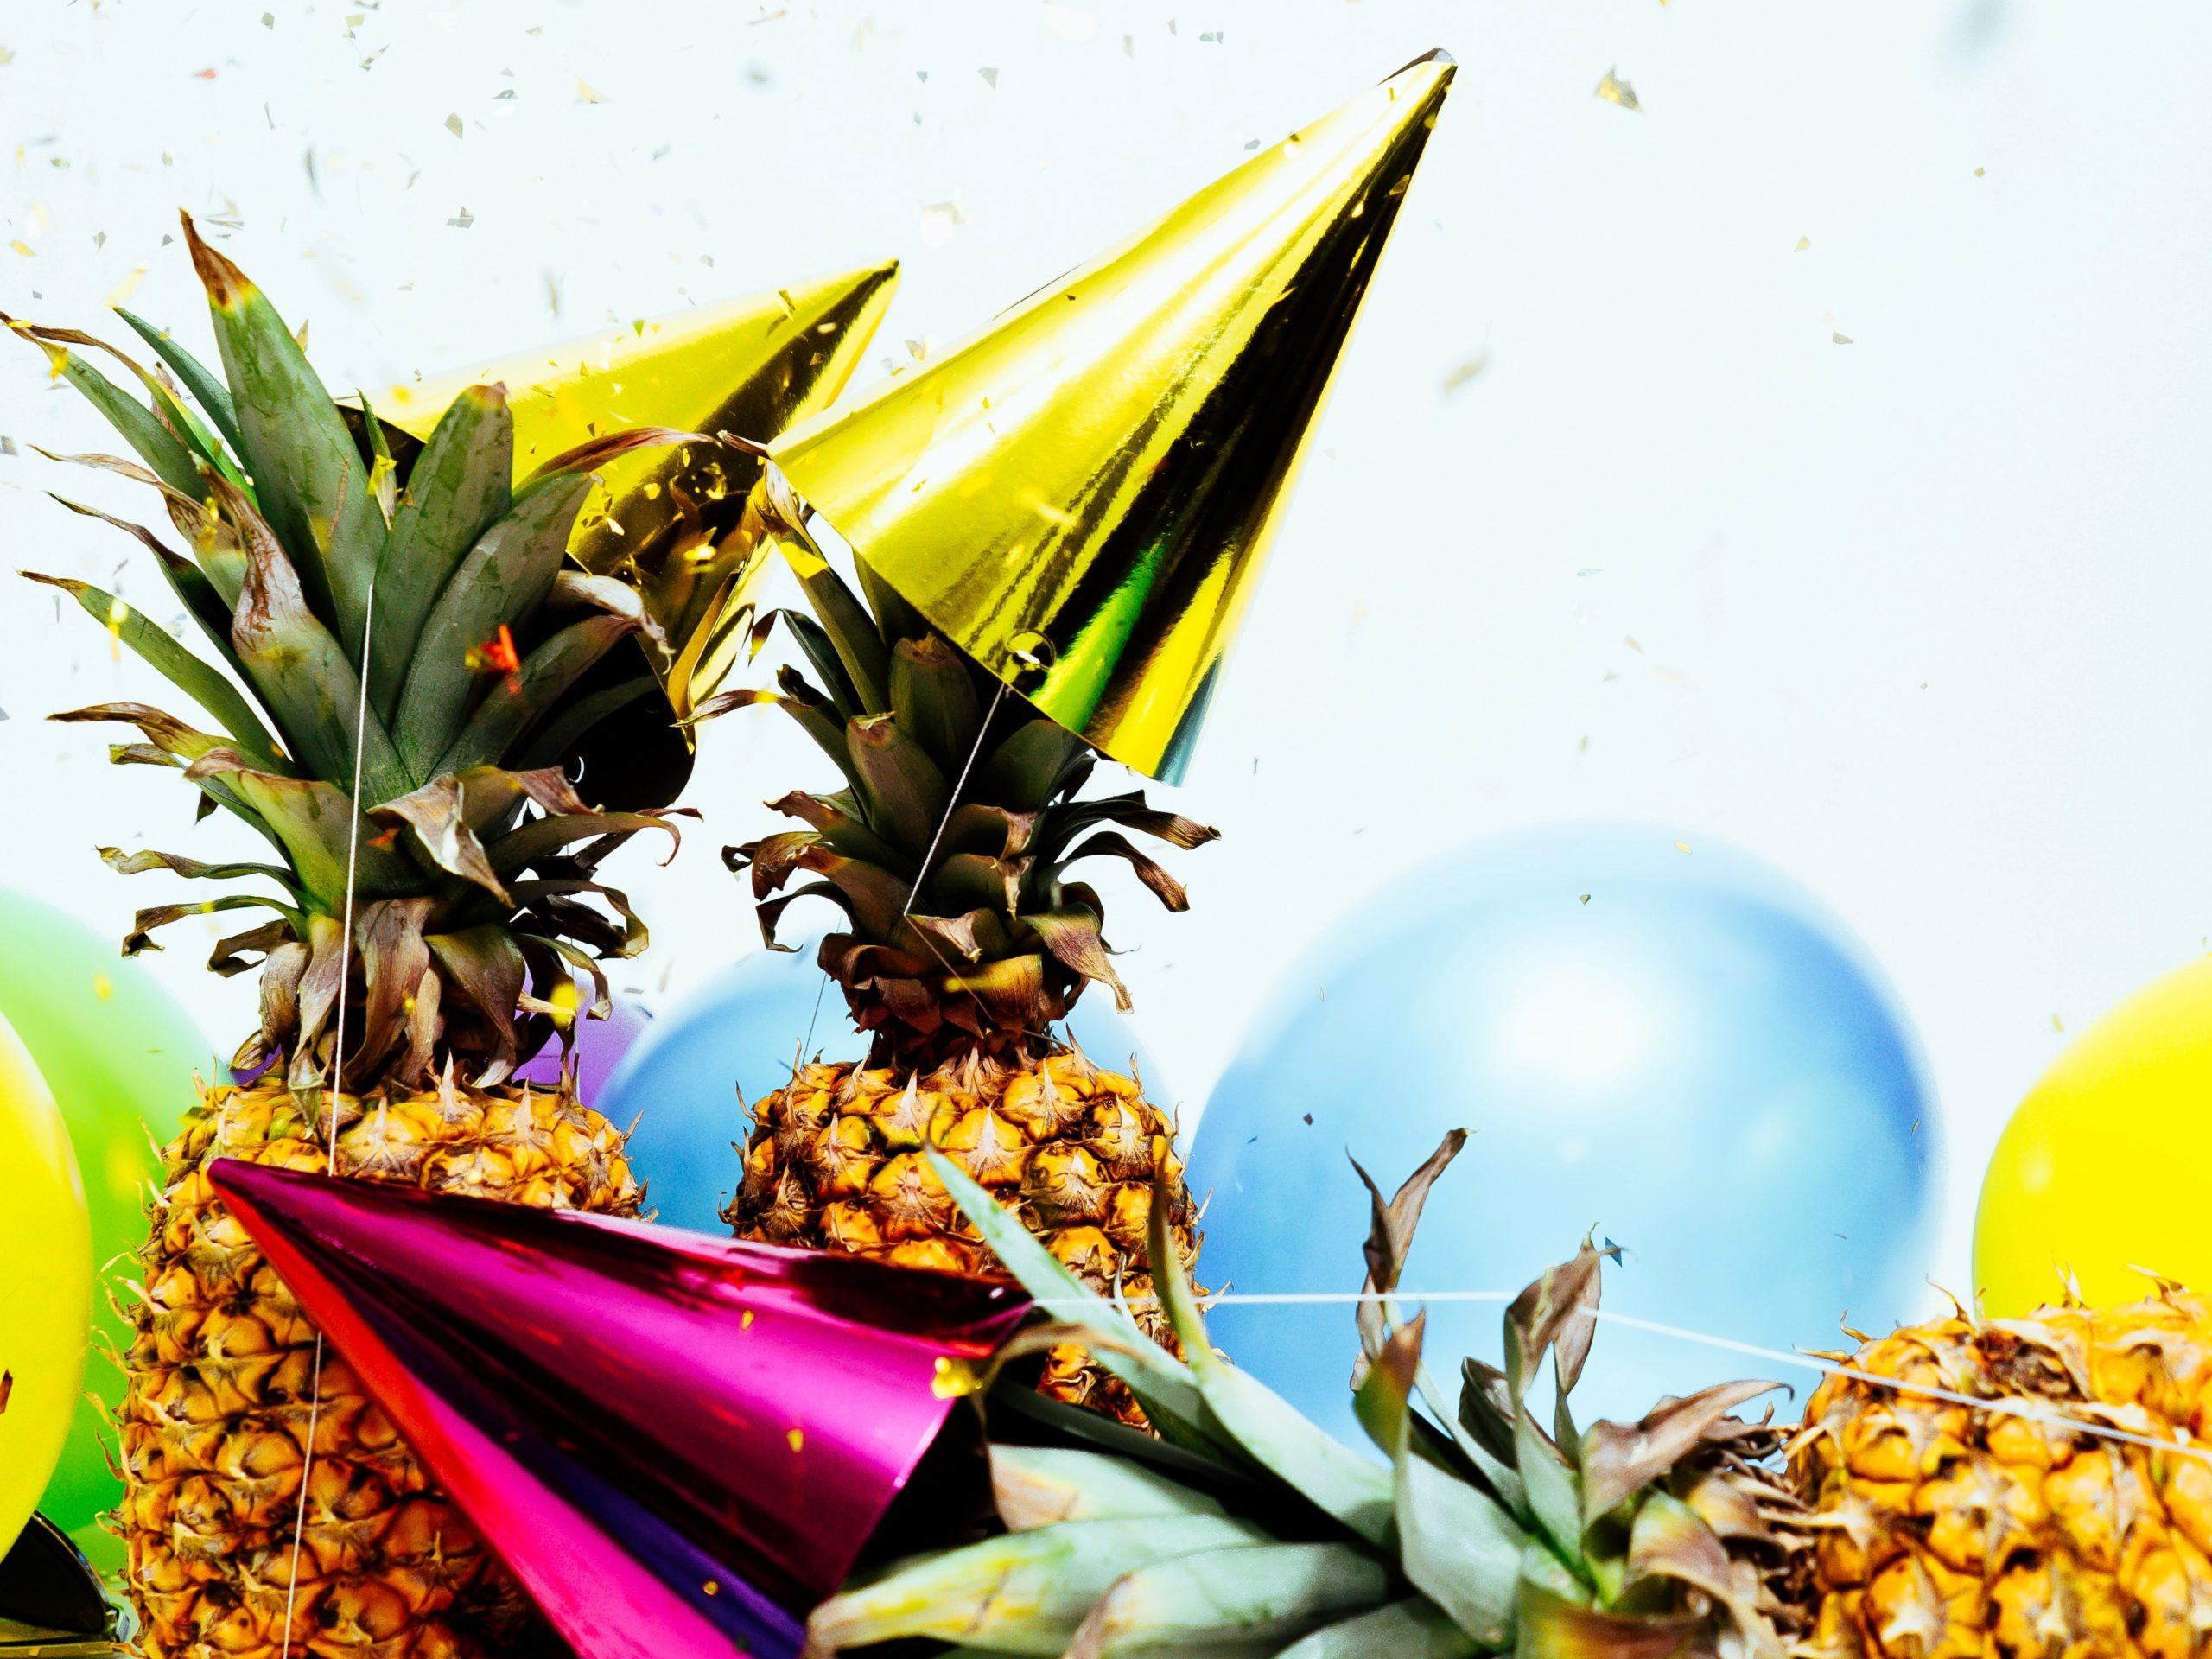 Partyutensilien und Ananas